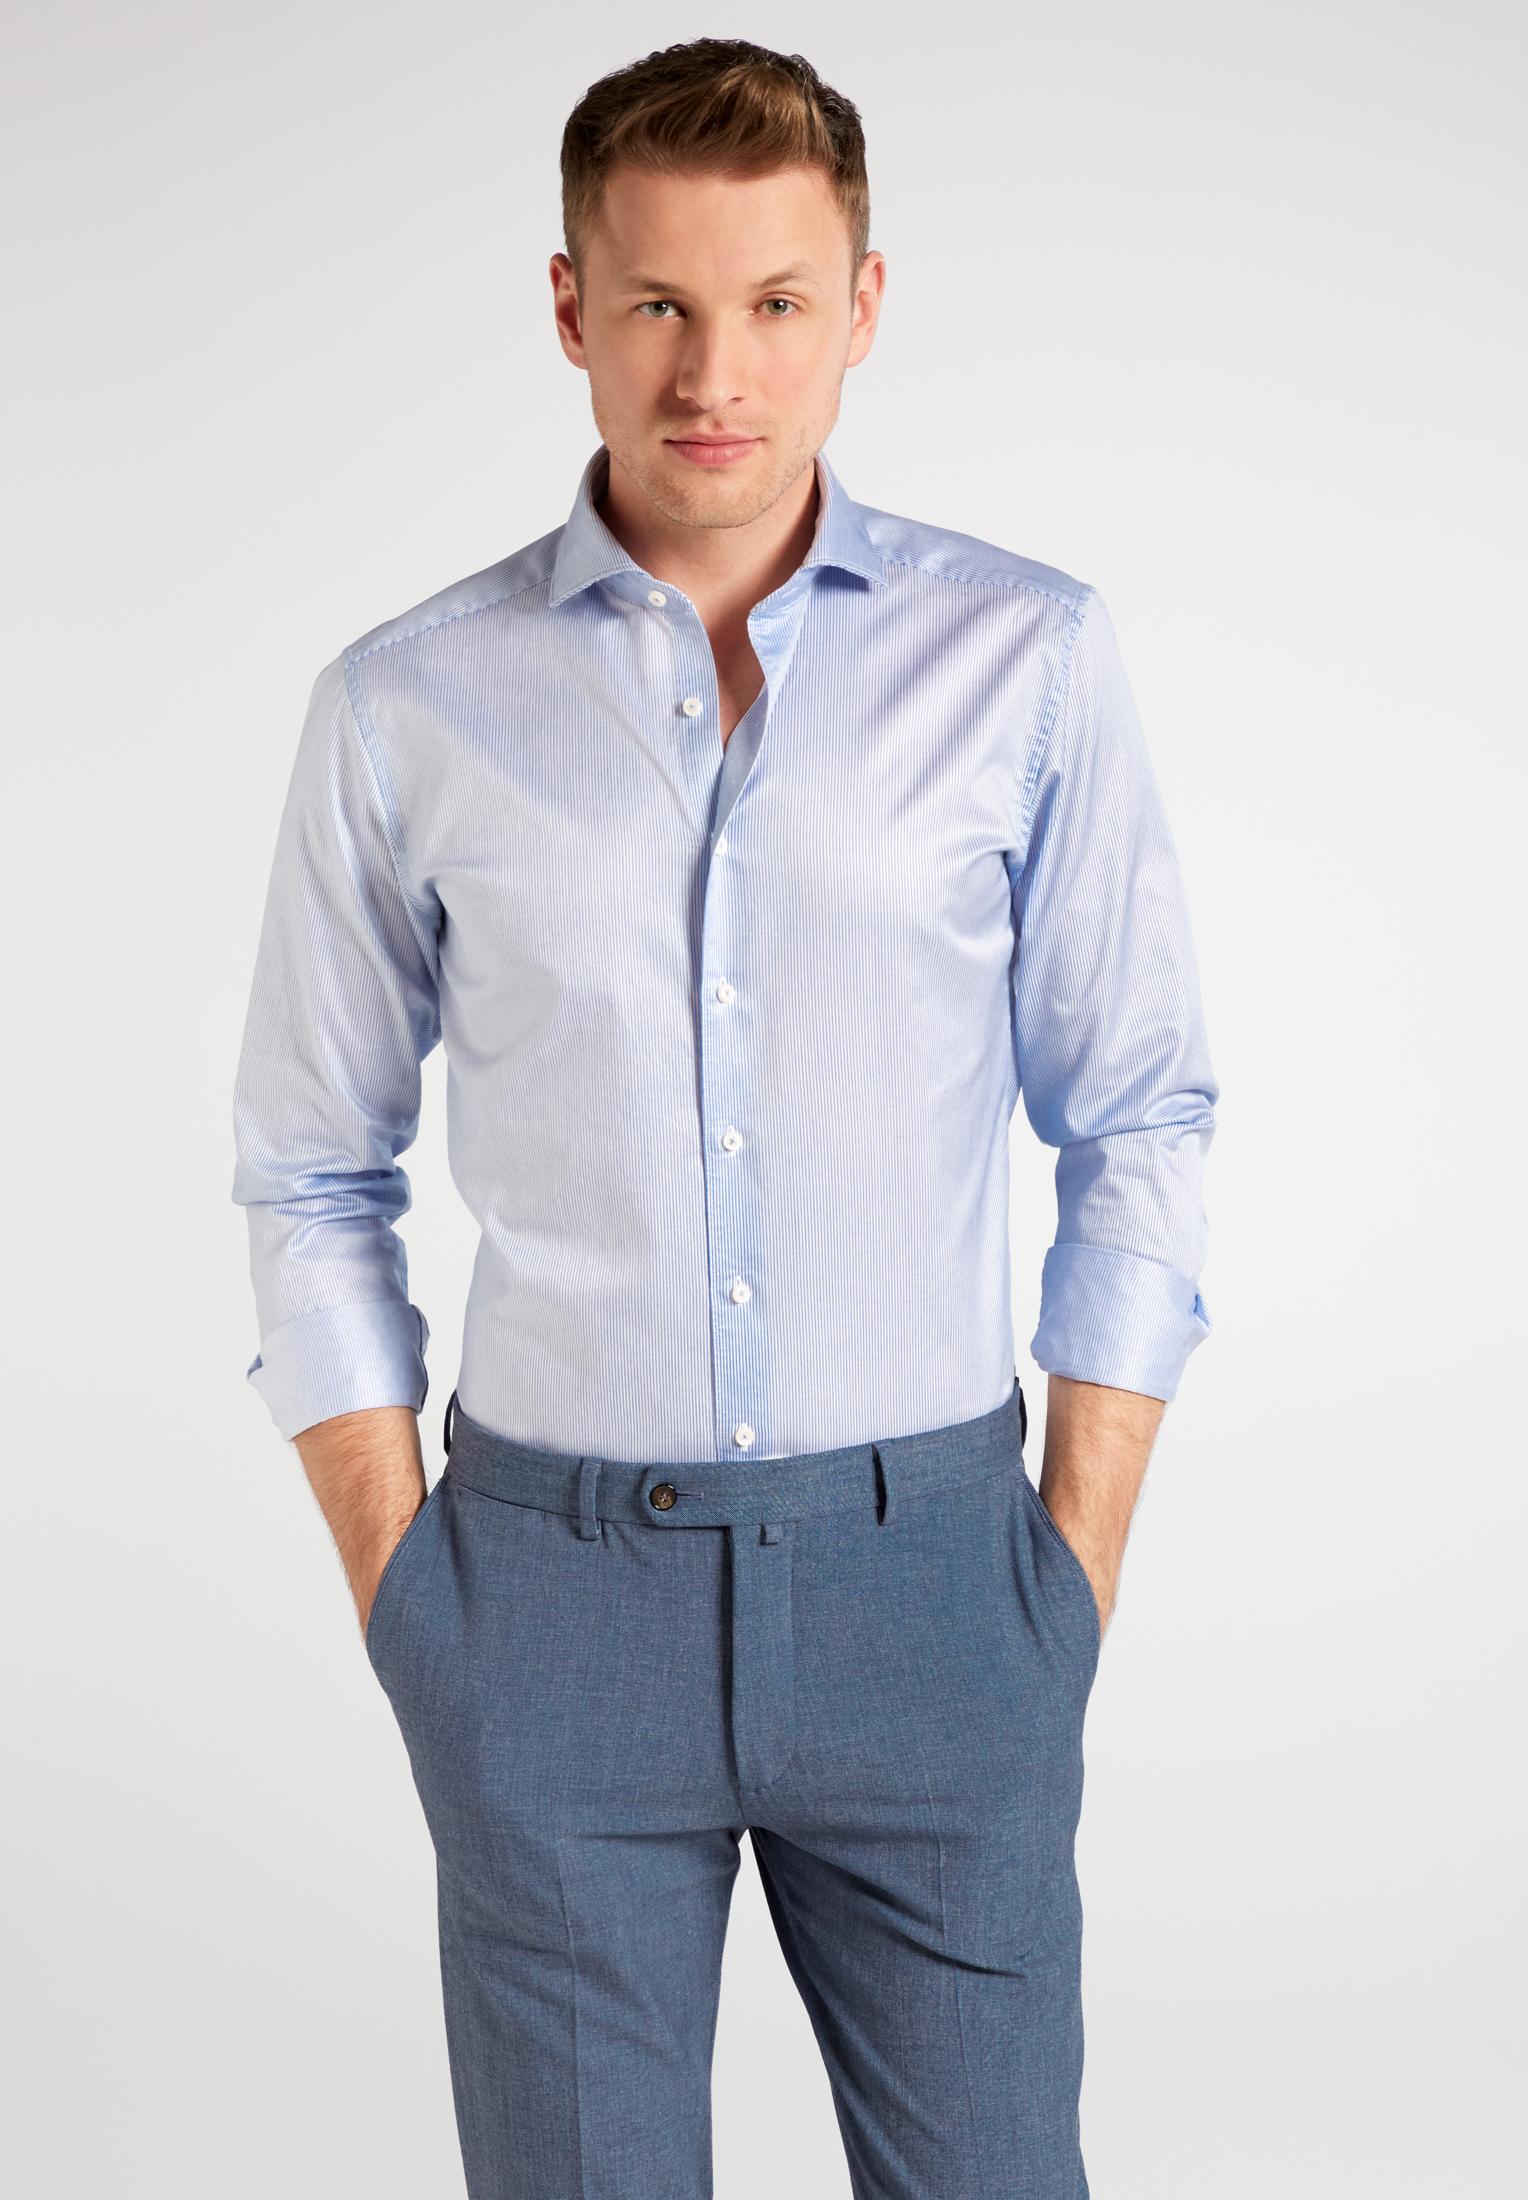 ETERNA Langarm Hemd blaue Streifen Strech Slim Fit